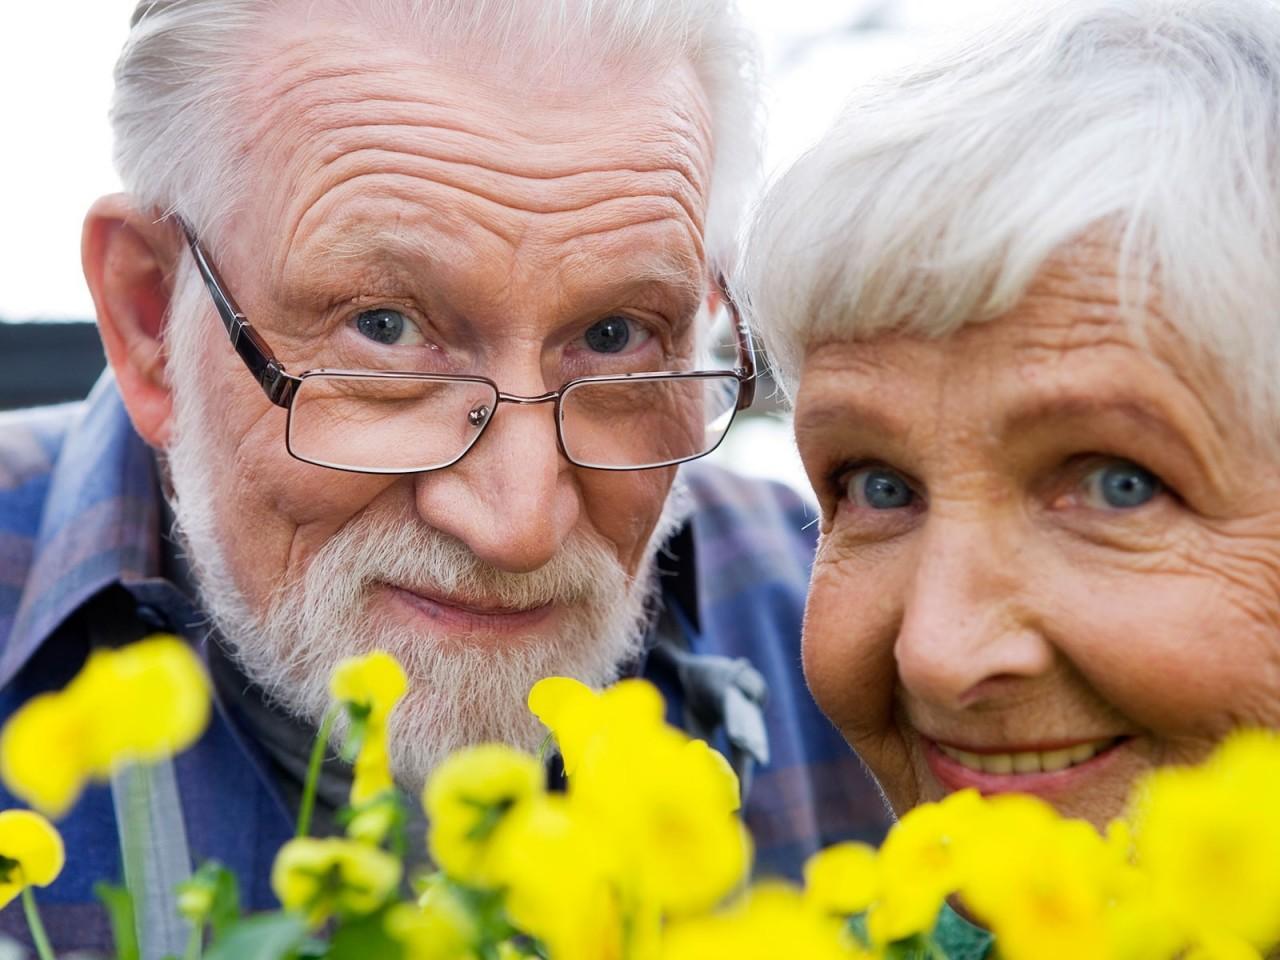 Запах старости: возрастные правила личной гигиены